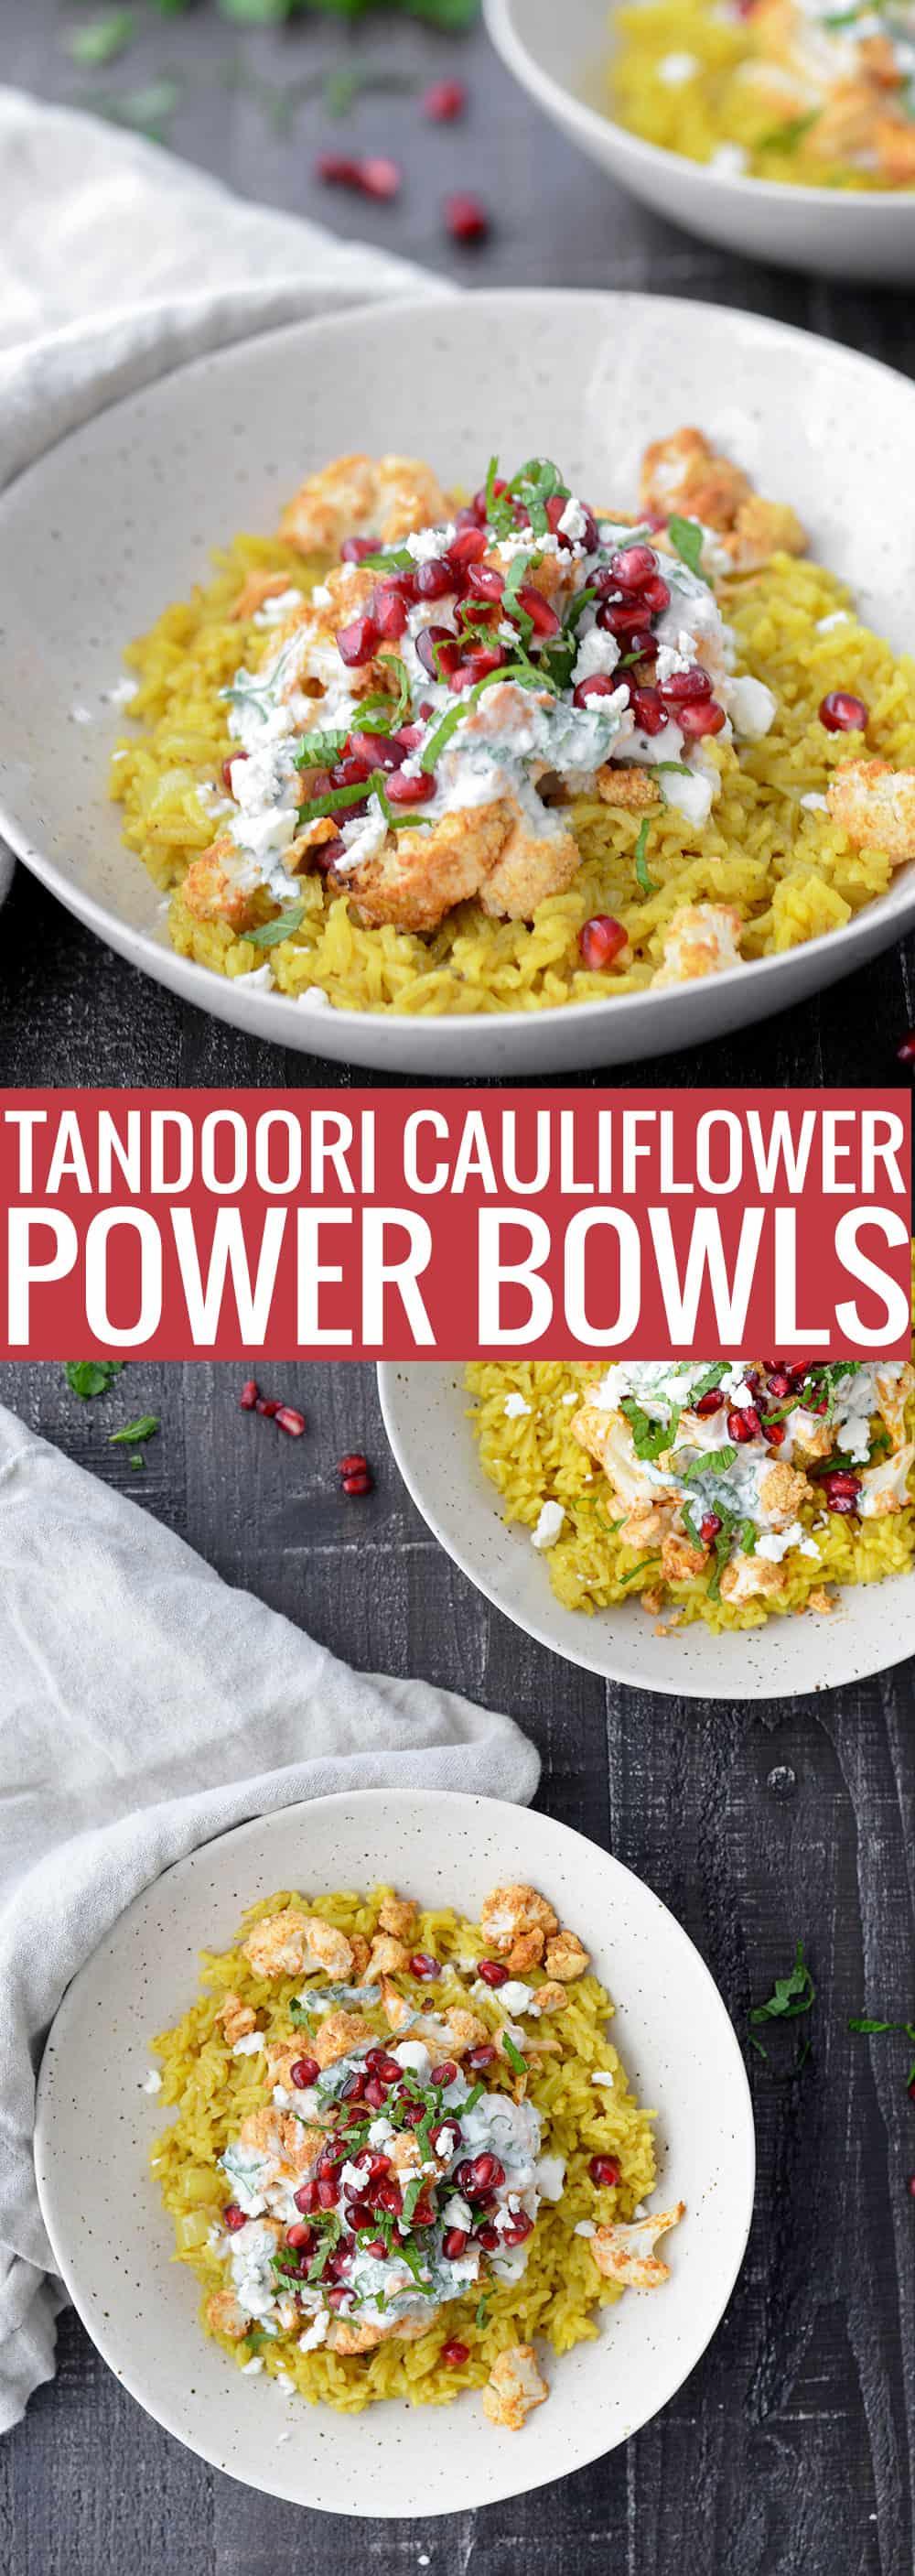 turmeric rice with tandoori cauliflower and feta yogurt sauce.